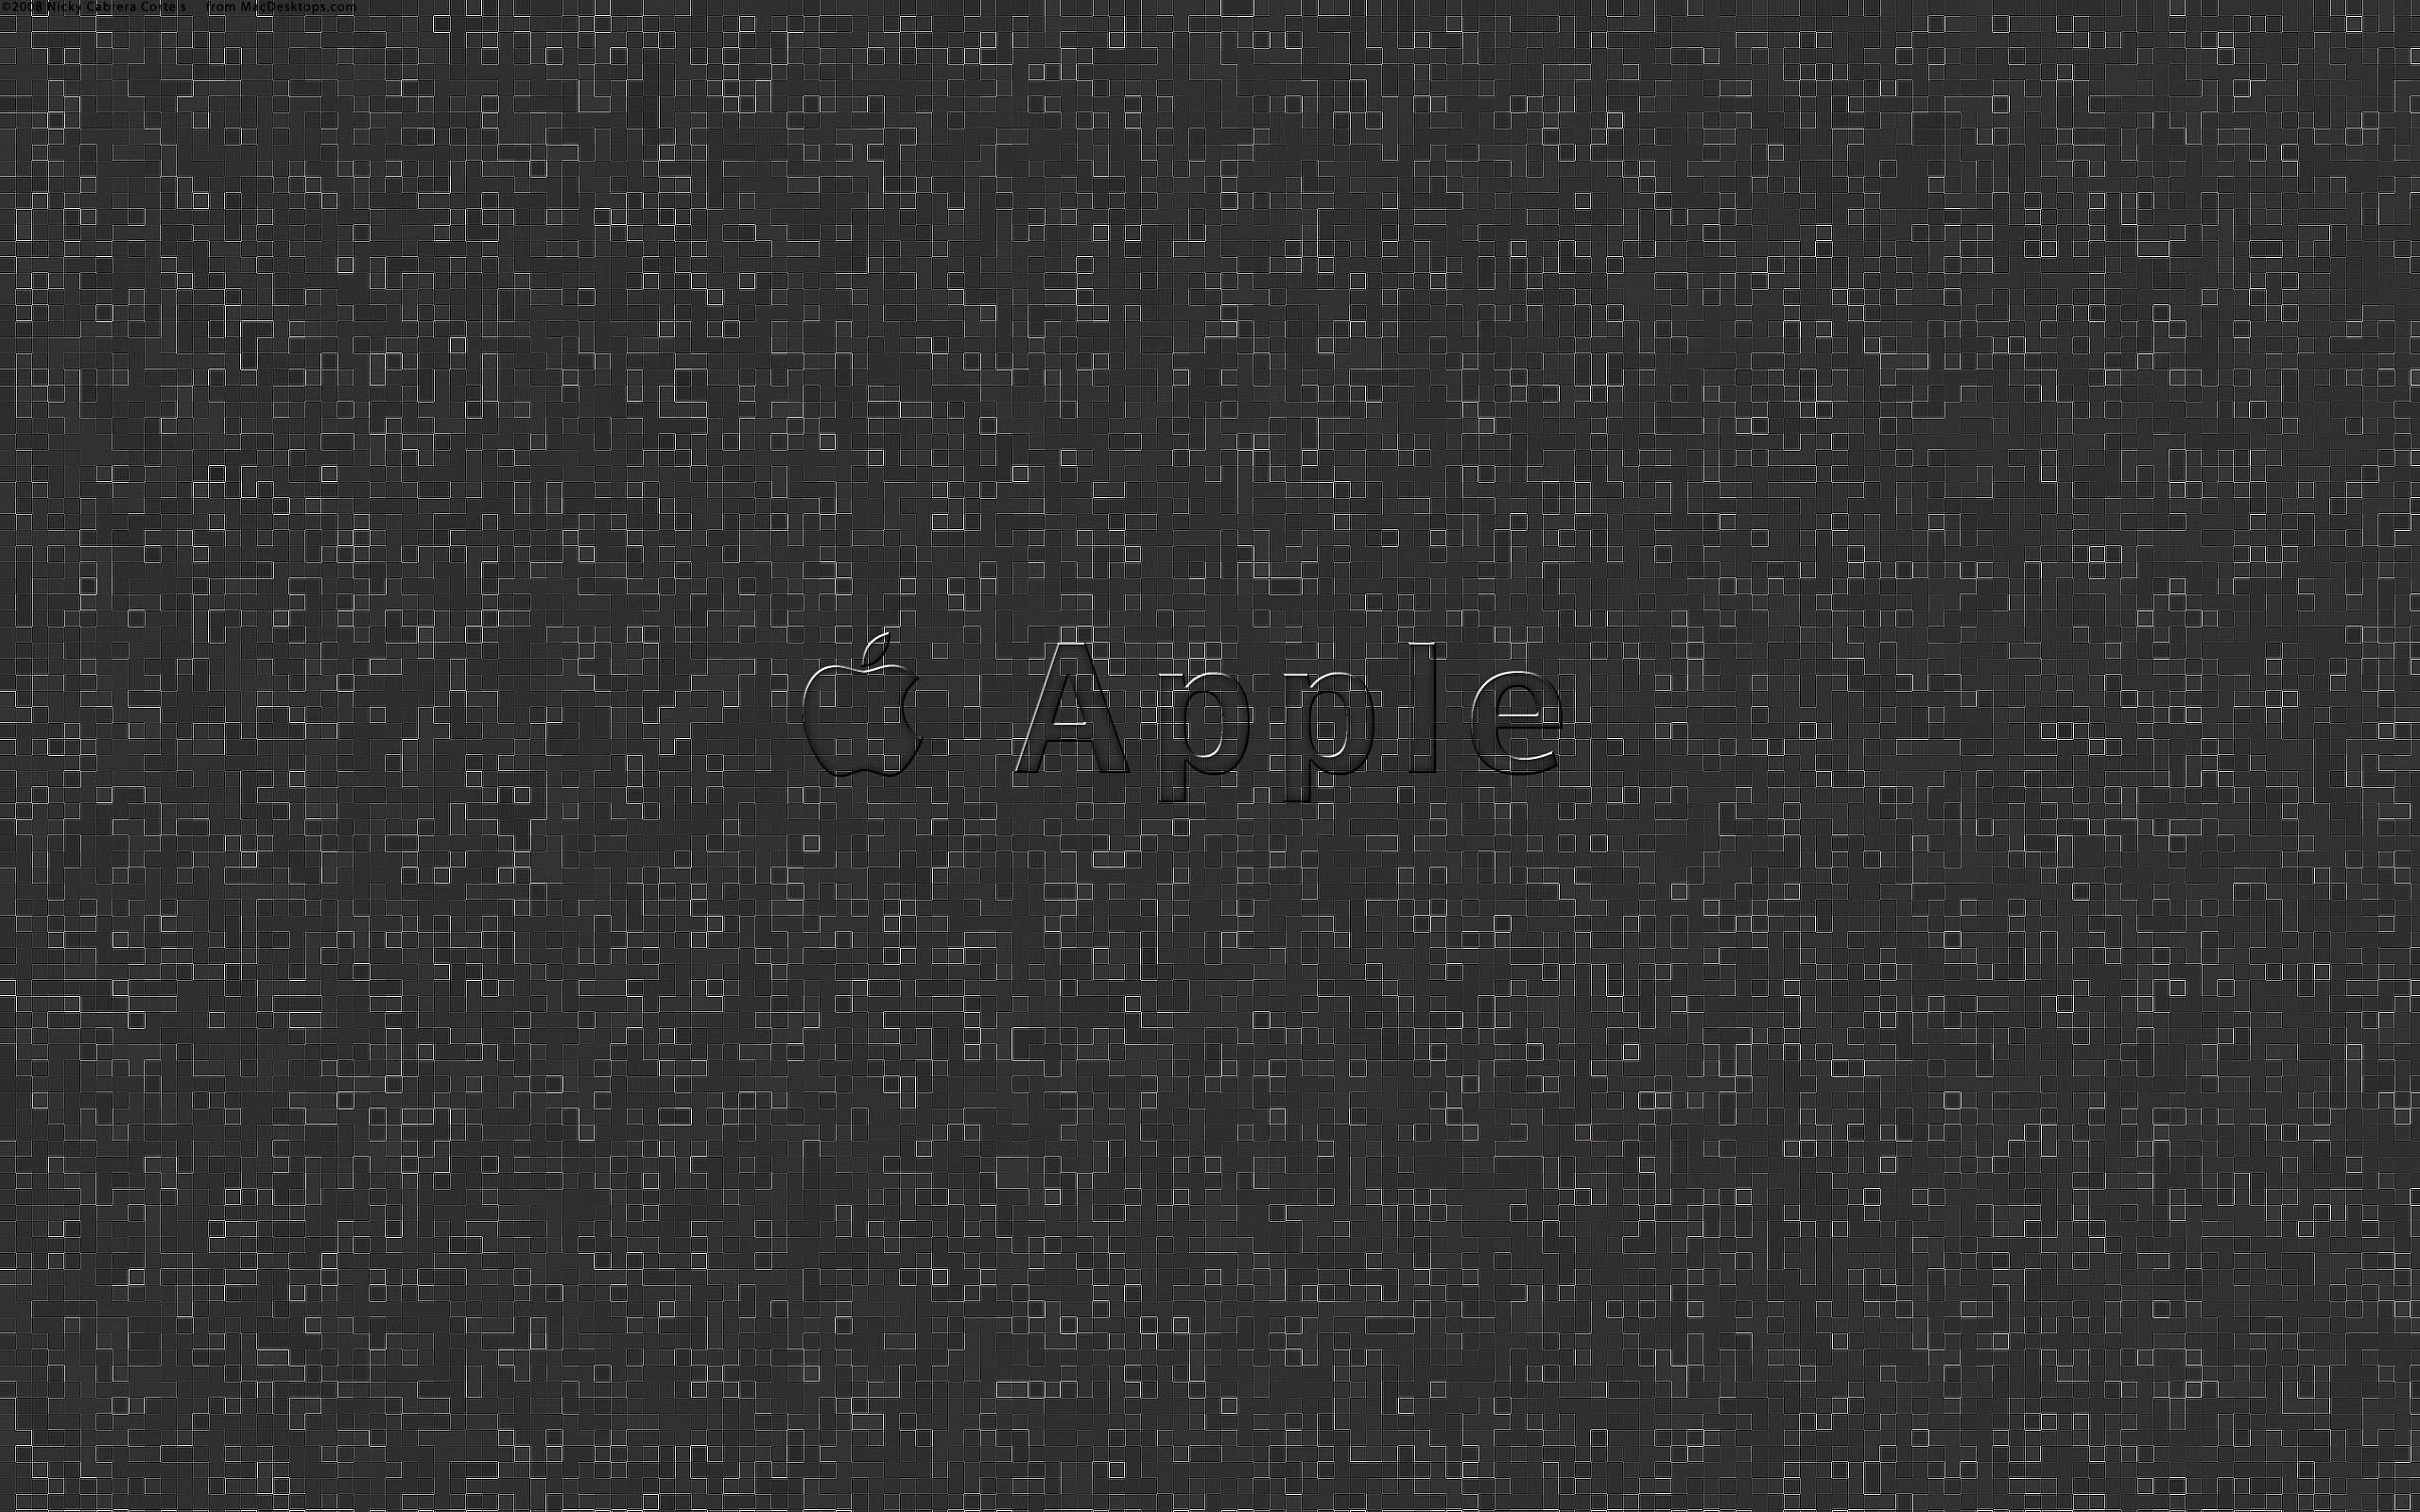 mac-fond-ecran-by-apple_11